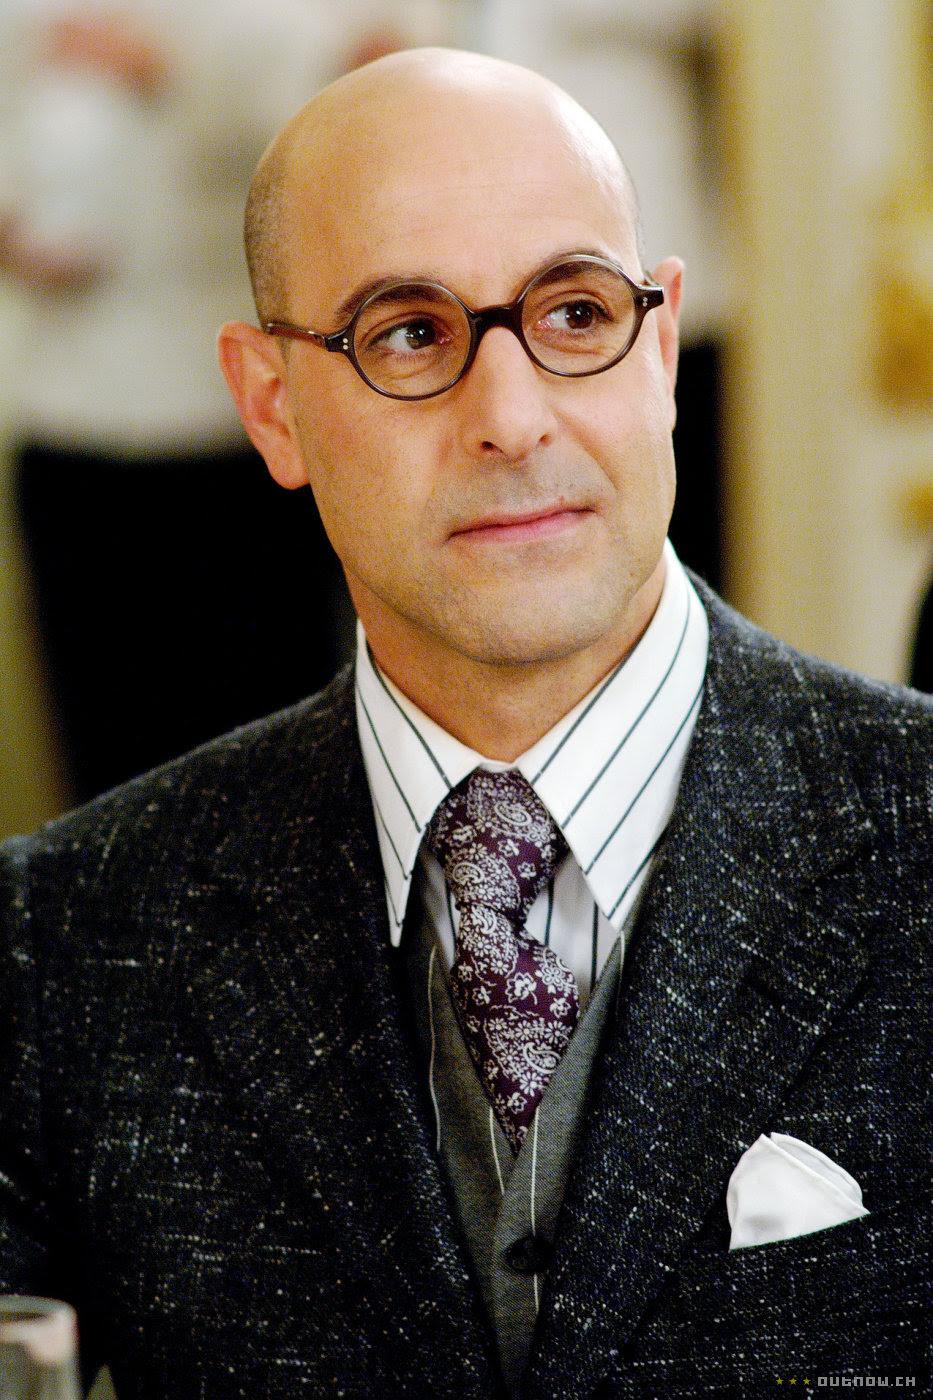 http://images.fanpop.com/images/image_uploads/Nigel-the-devil-wears-prada-204990_933_1400.jpg